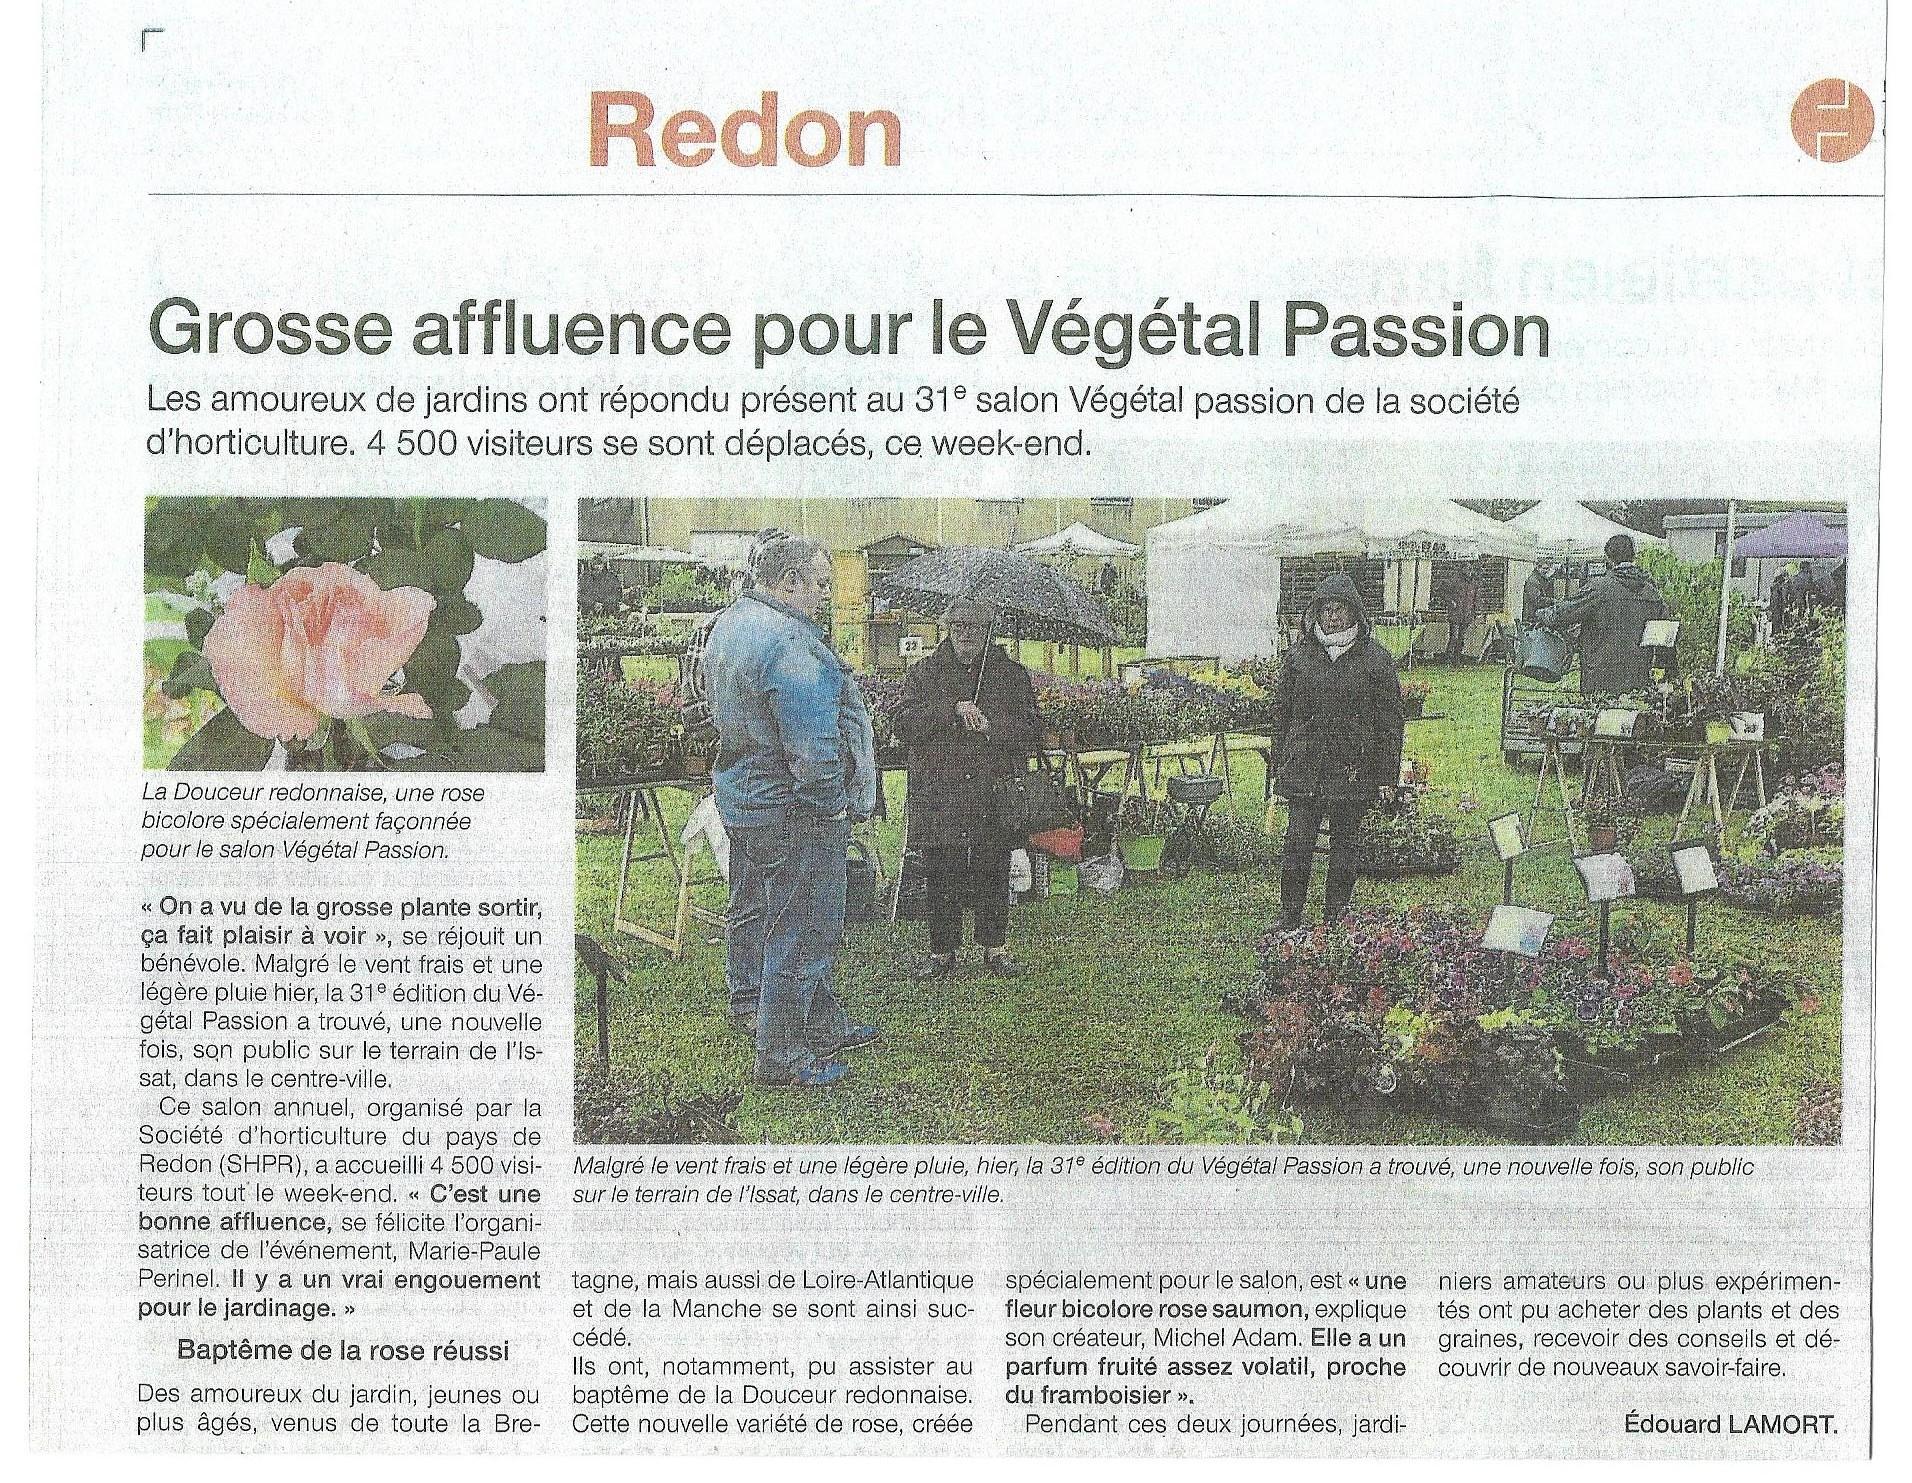 Ouest France du 30 04 2018 A